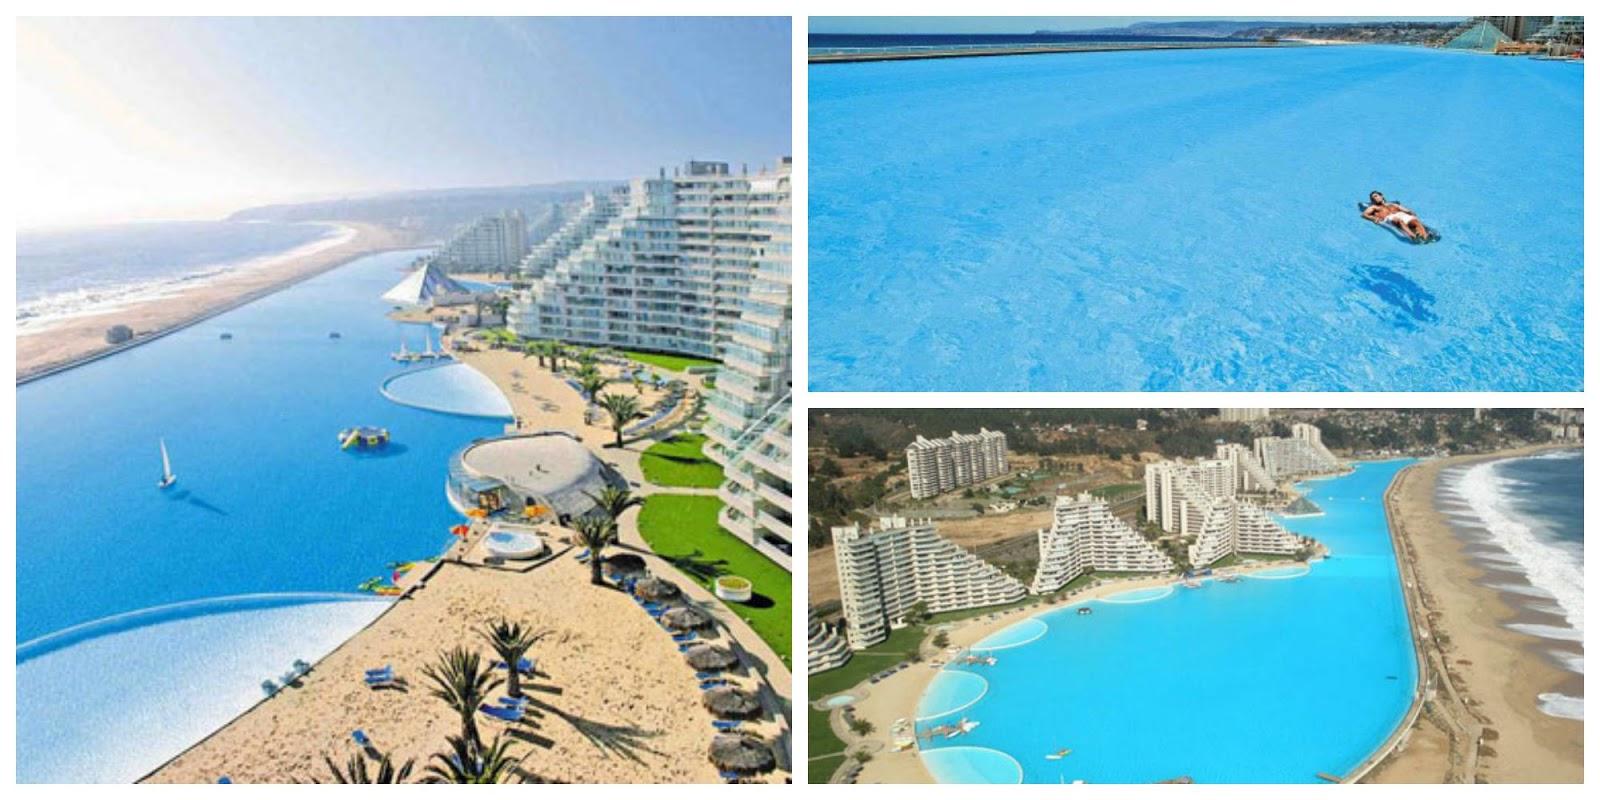 C mo es la piscina m s grande del mundo nexofin for Piscina mas grande del mundo chile